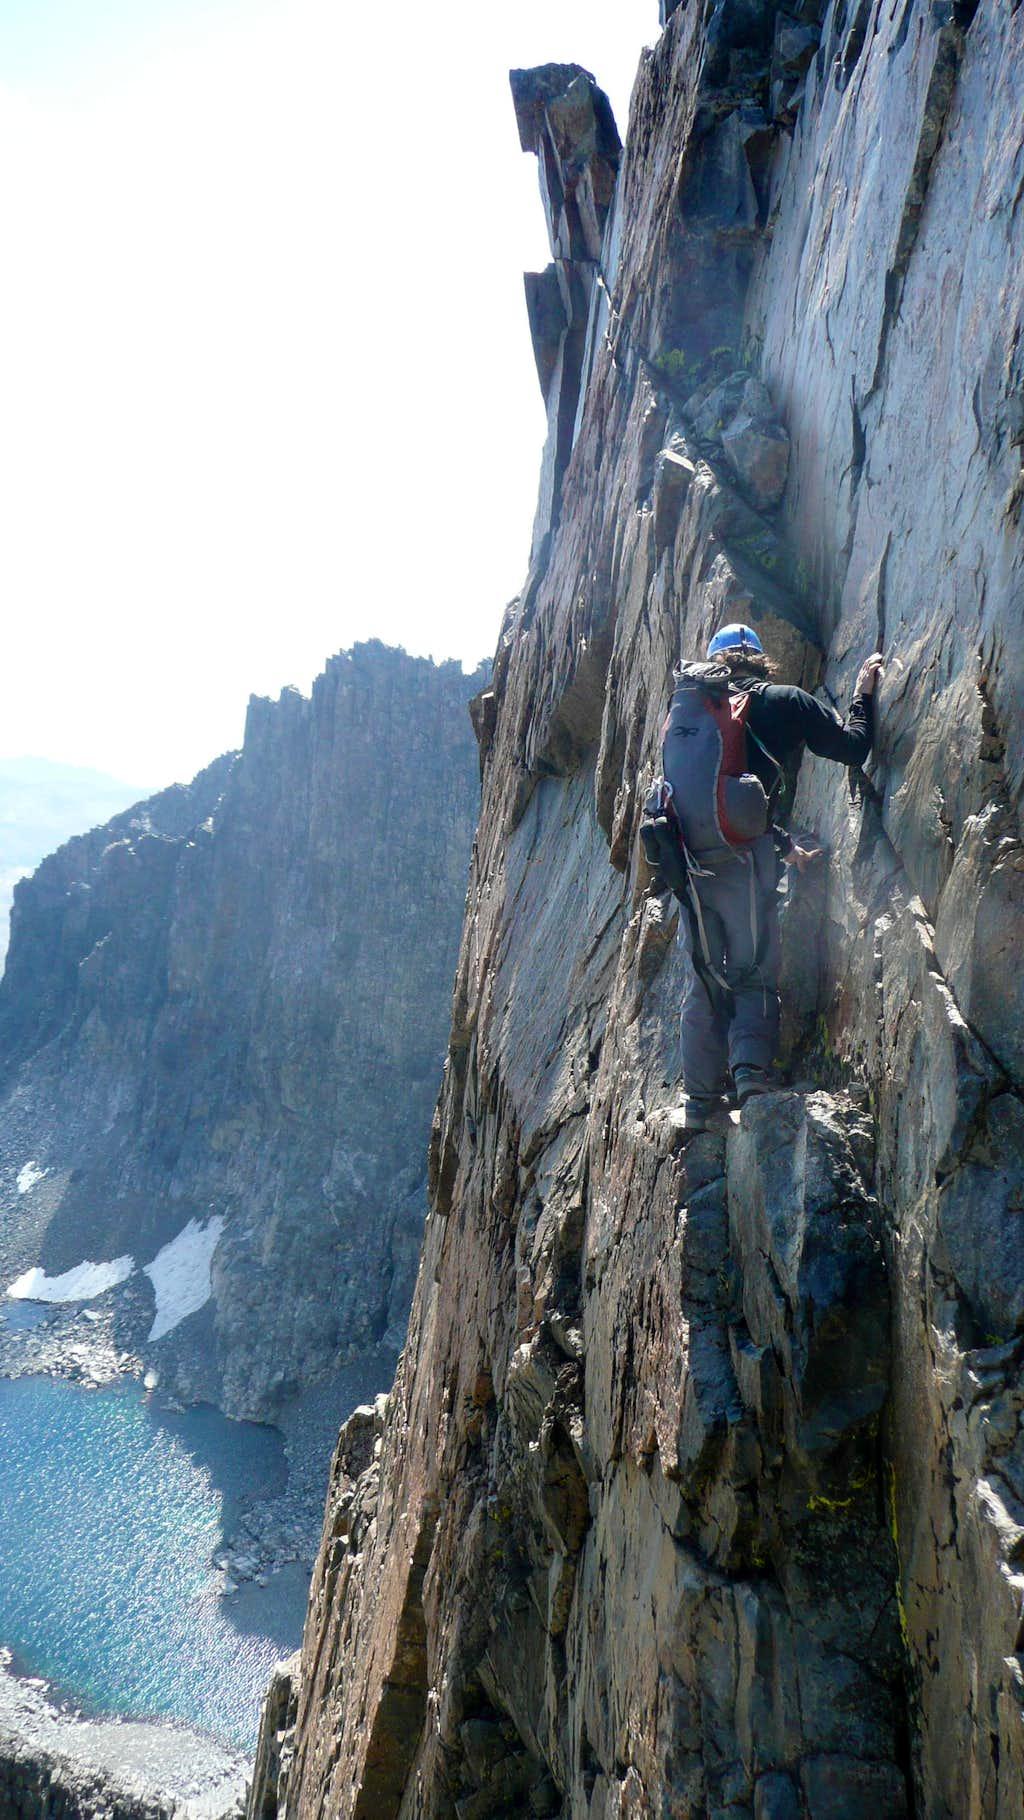 Clyde-Eichorn ridge